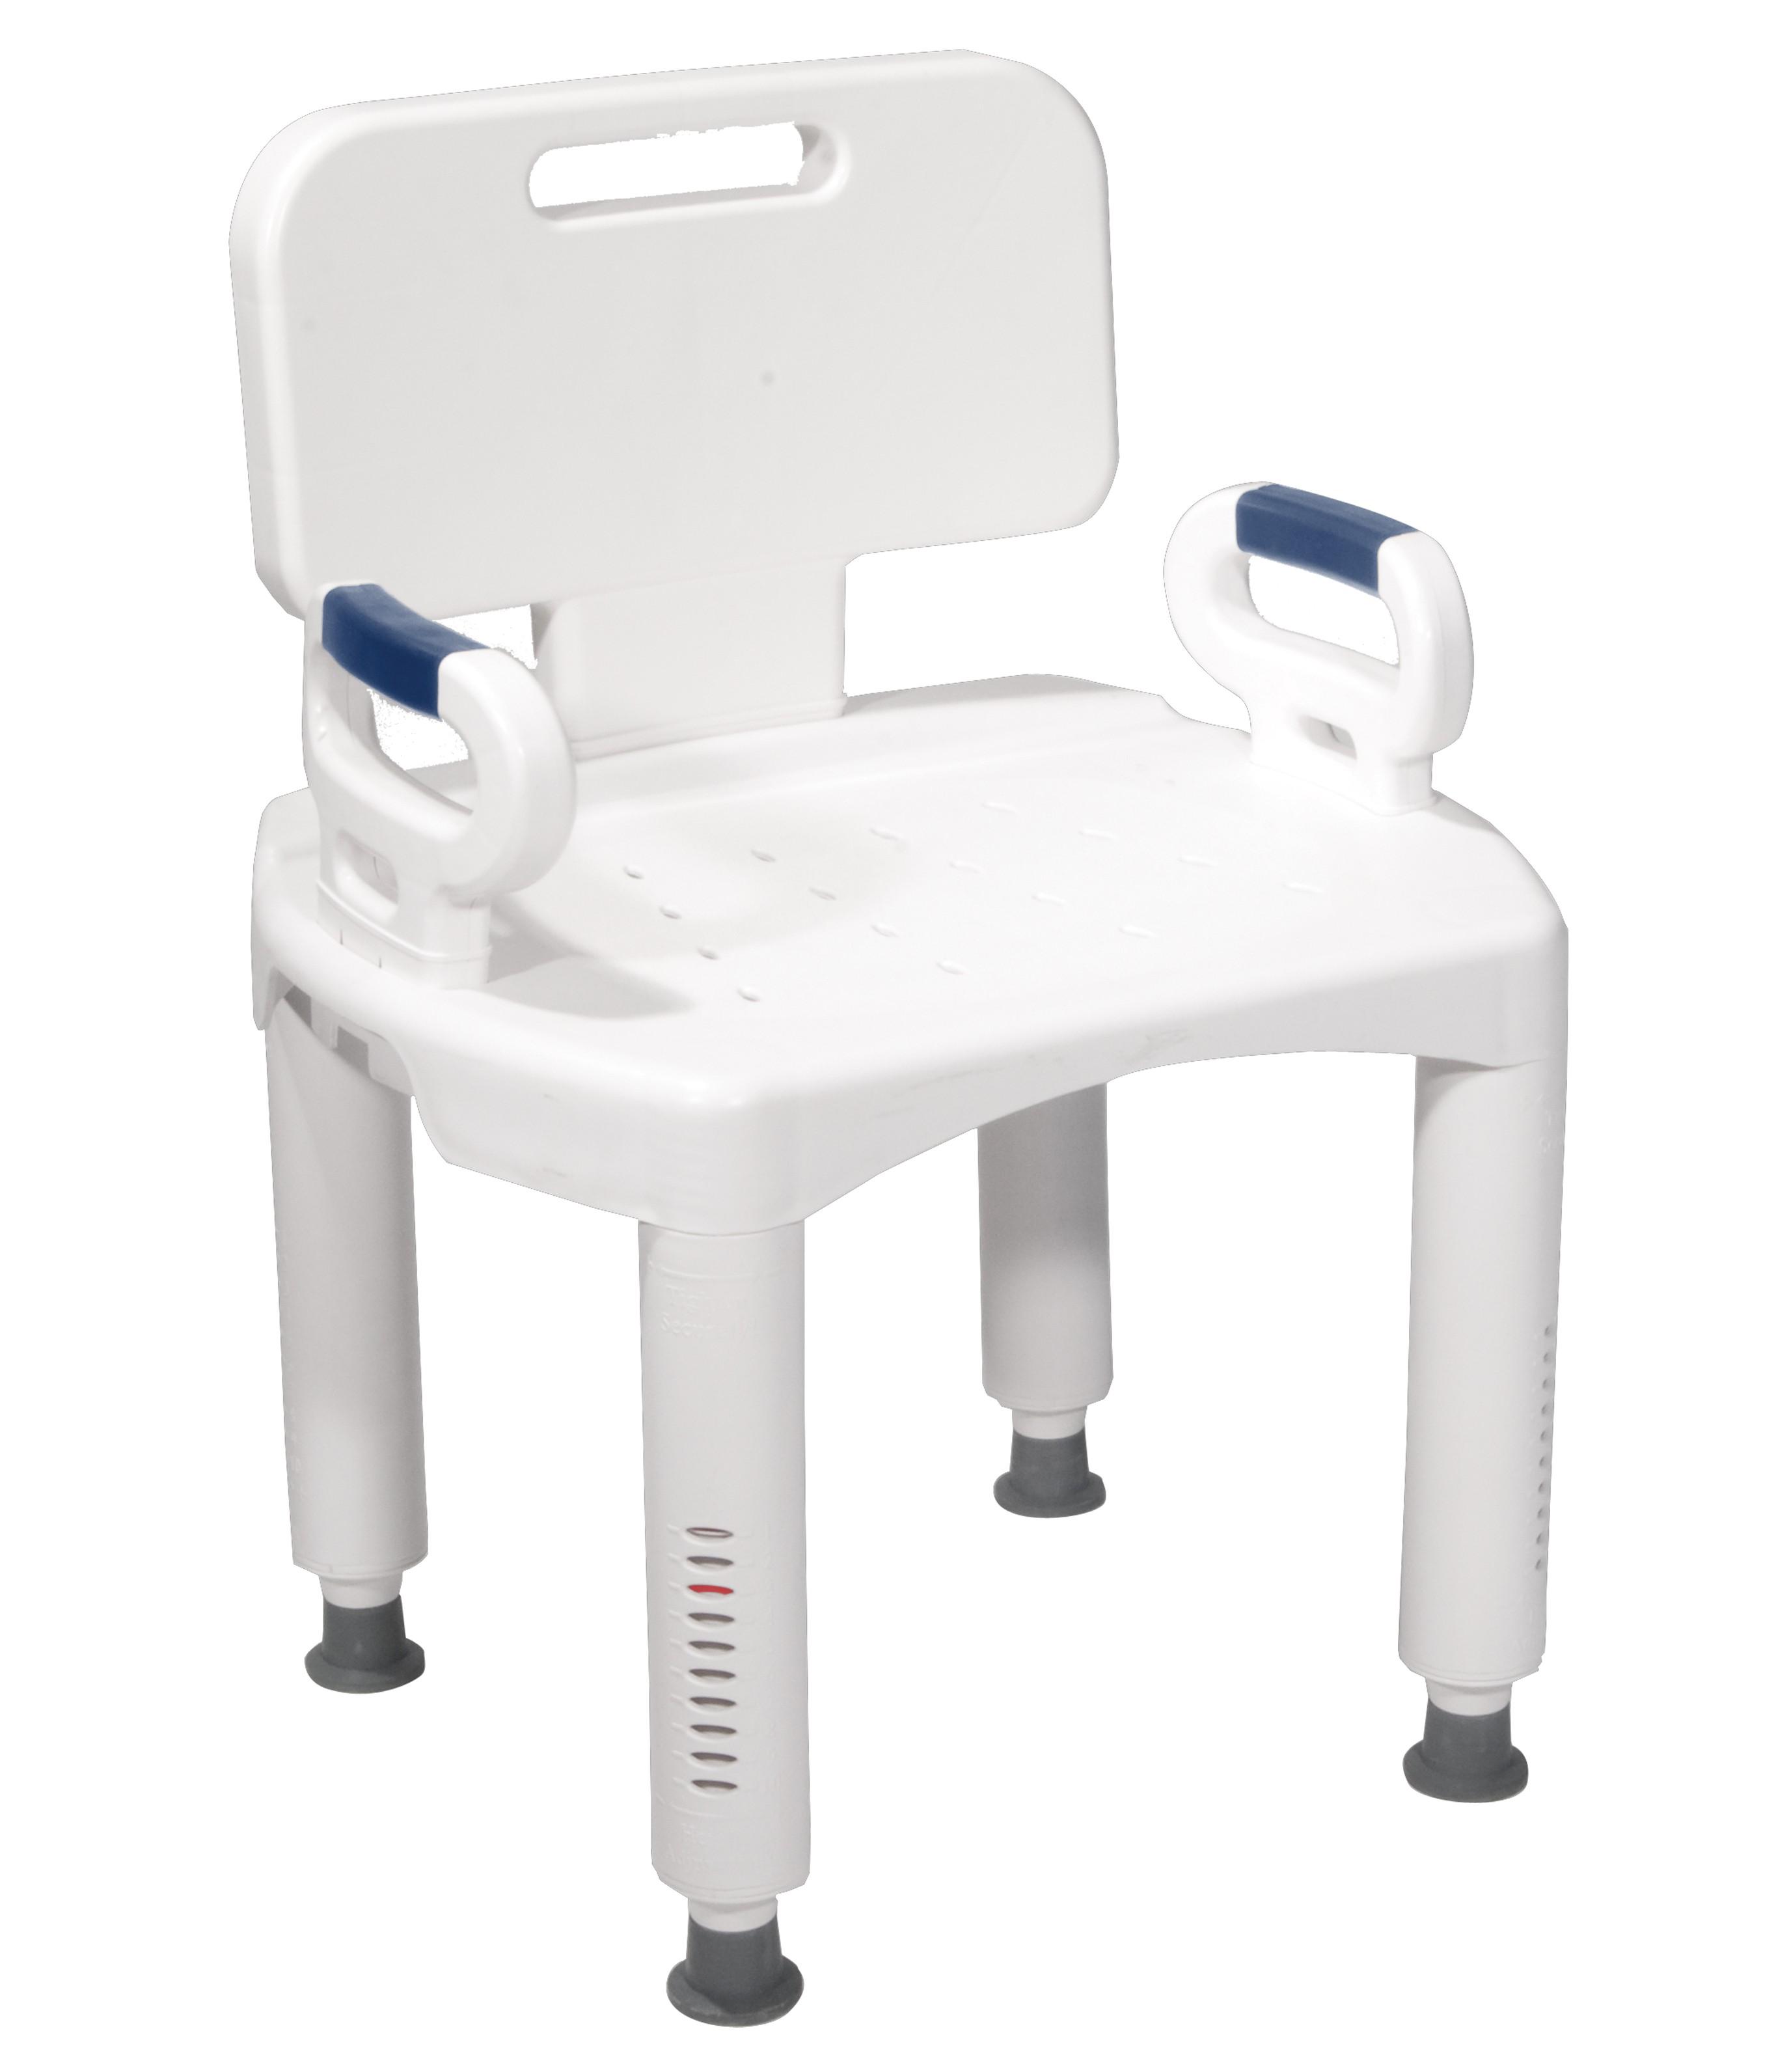 McKesson Premium Plastic Bath Chair at IndeMedical.com